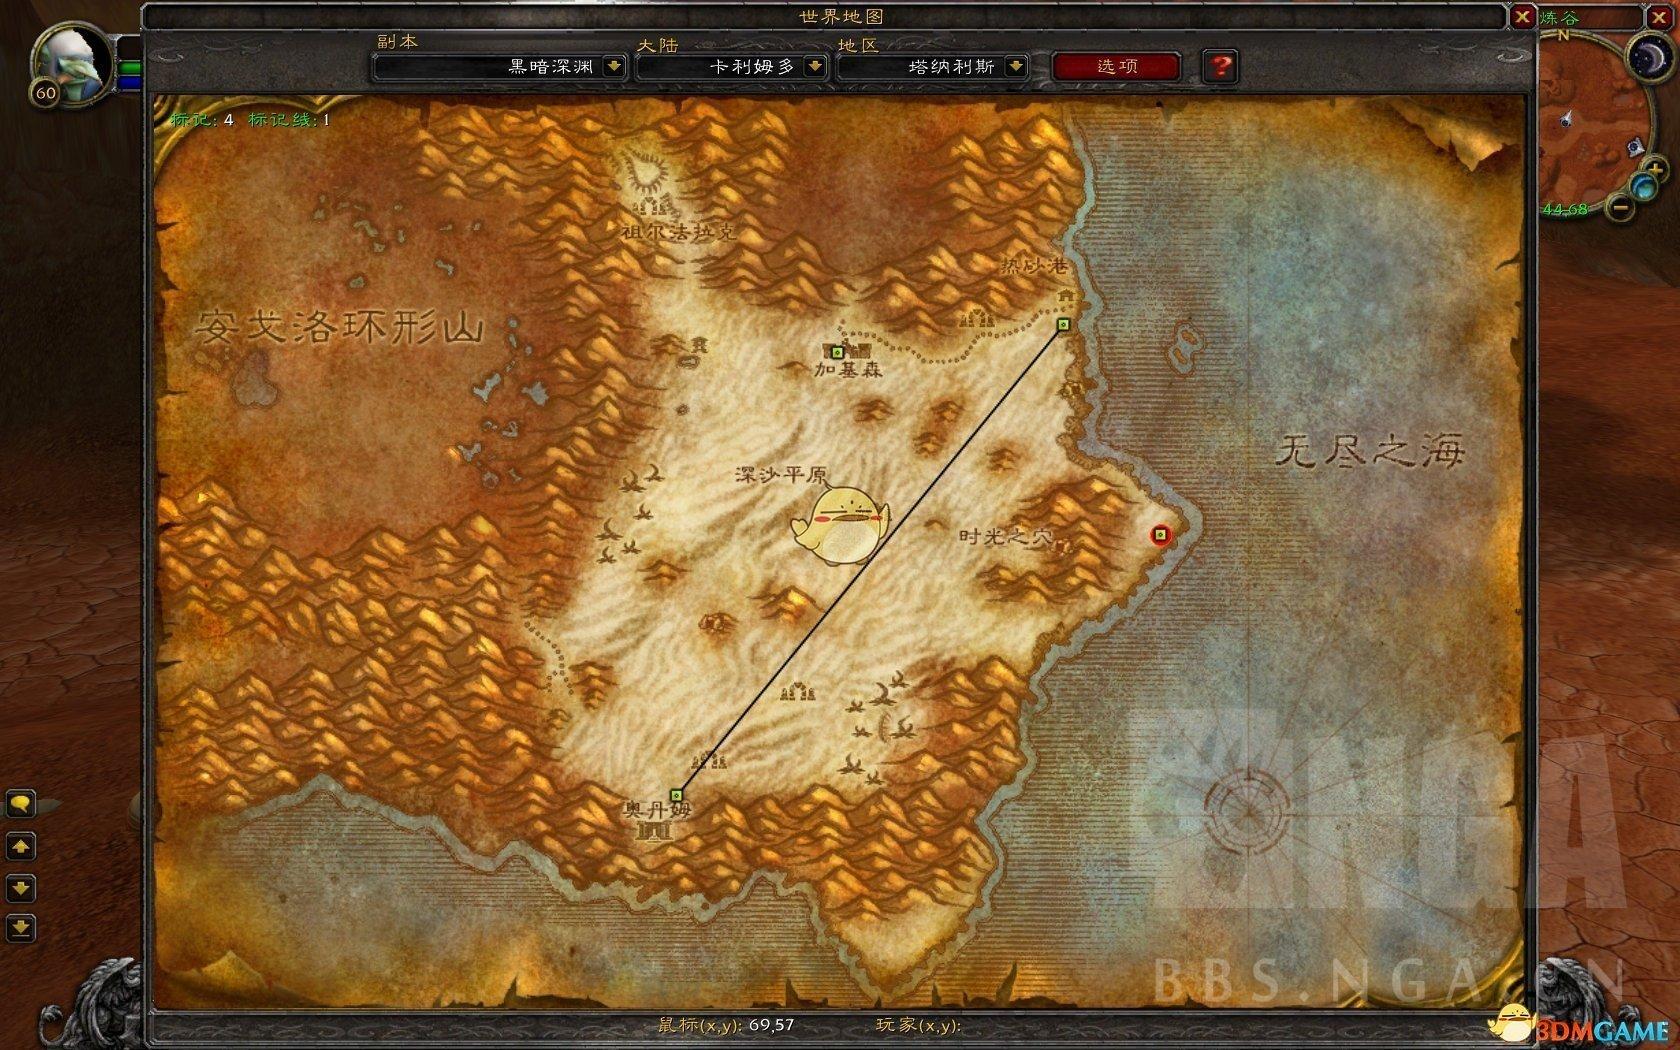 魔兽世界塔纳利斯的样本图片